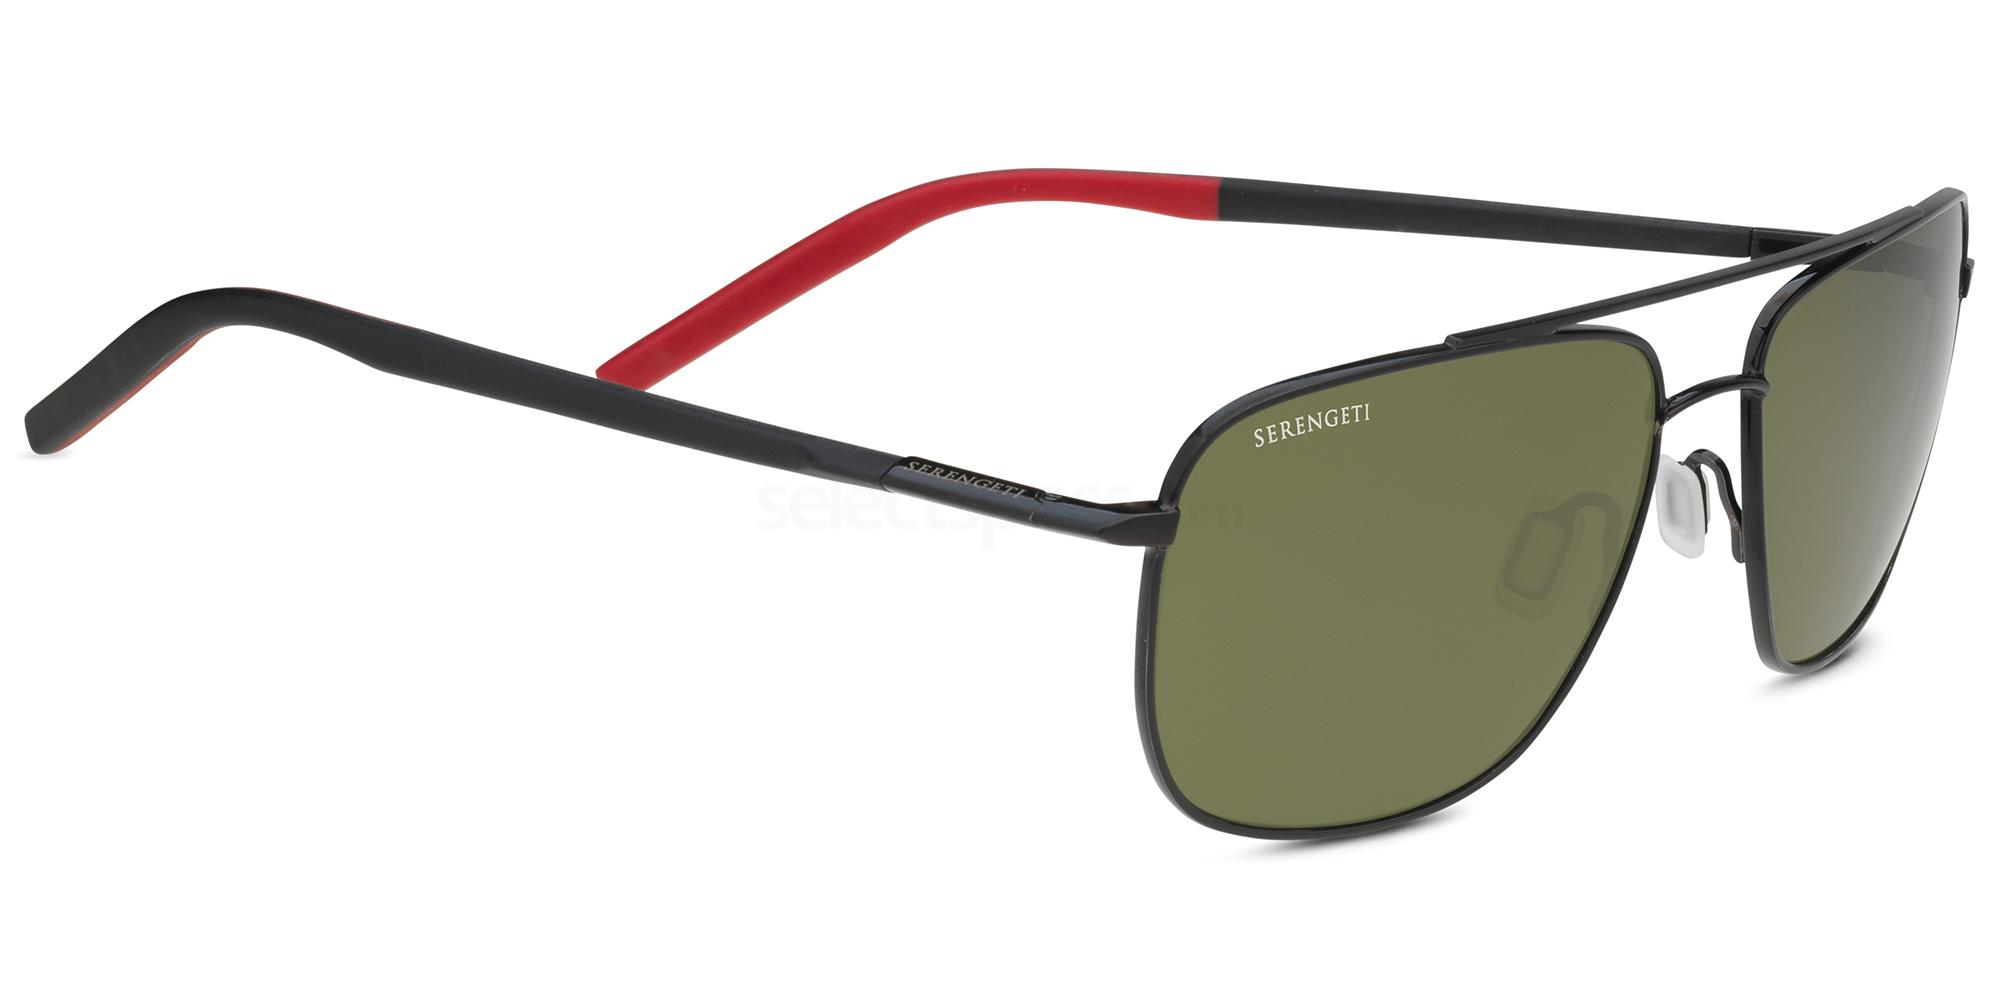 8818 TELLARO Sunglasses, Serengeti